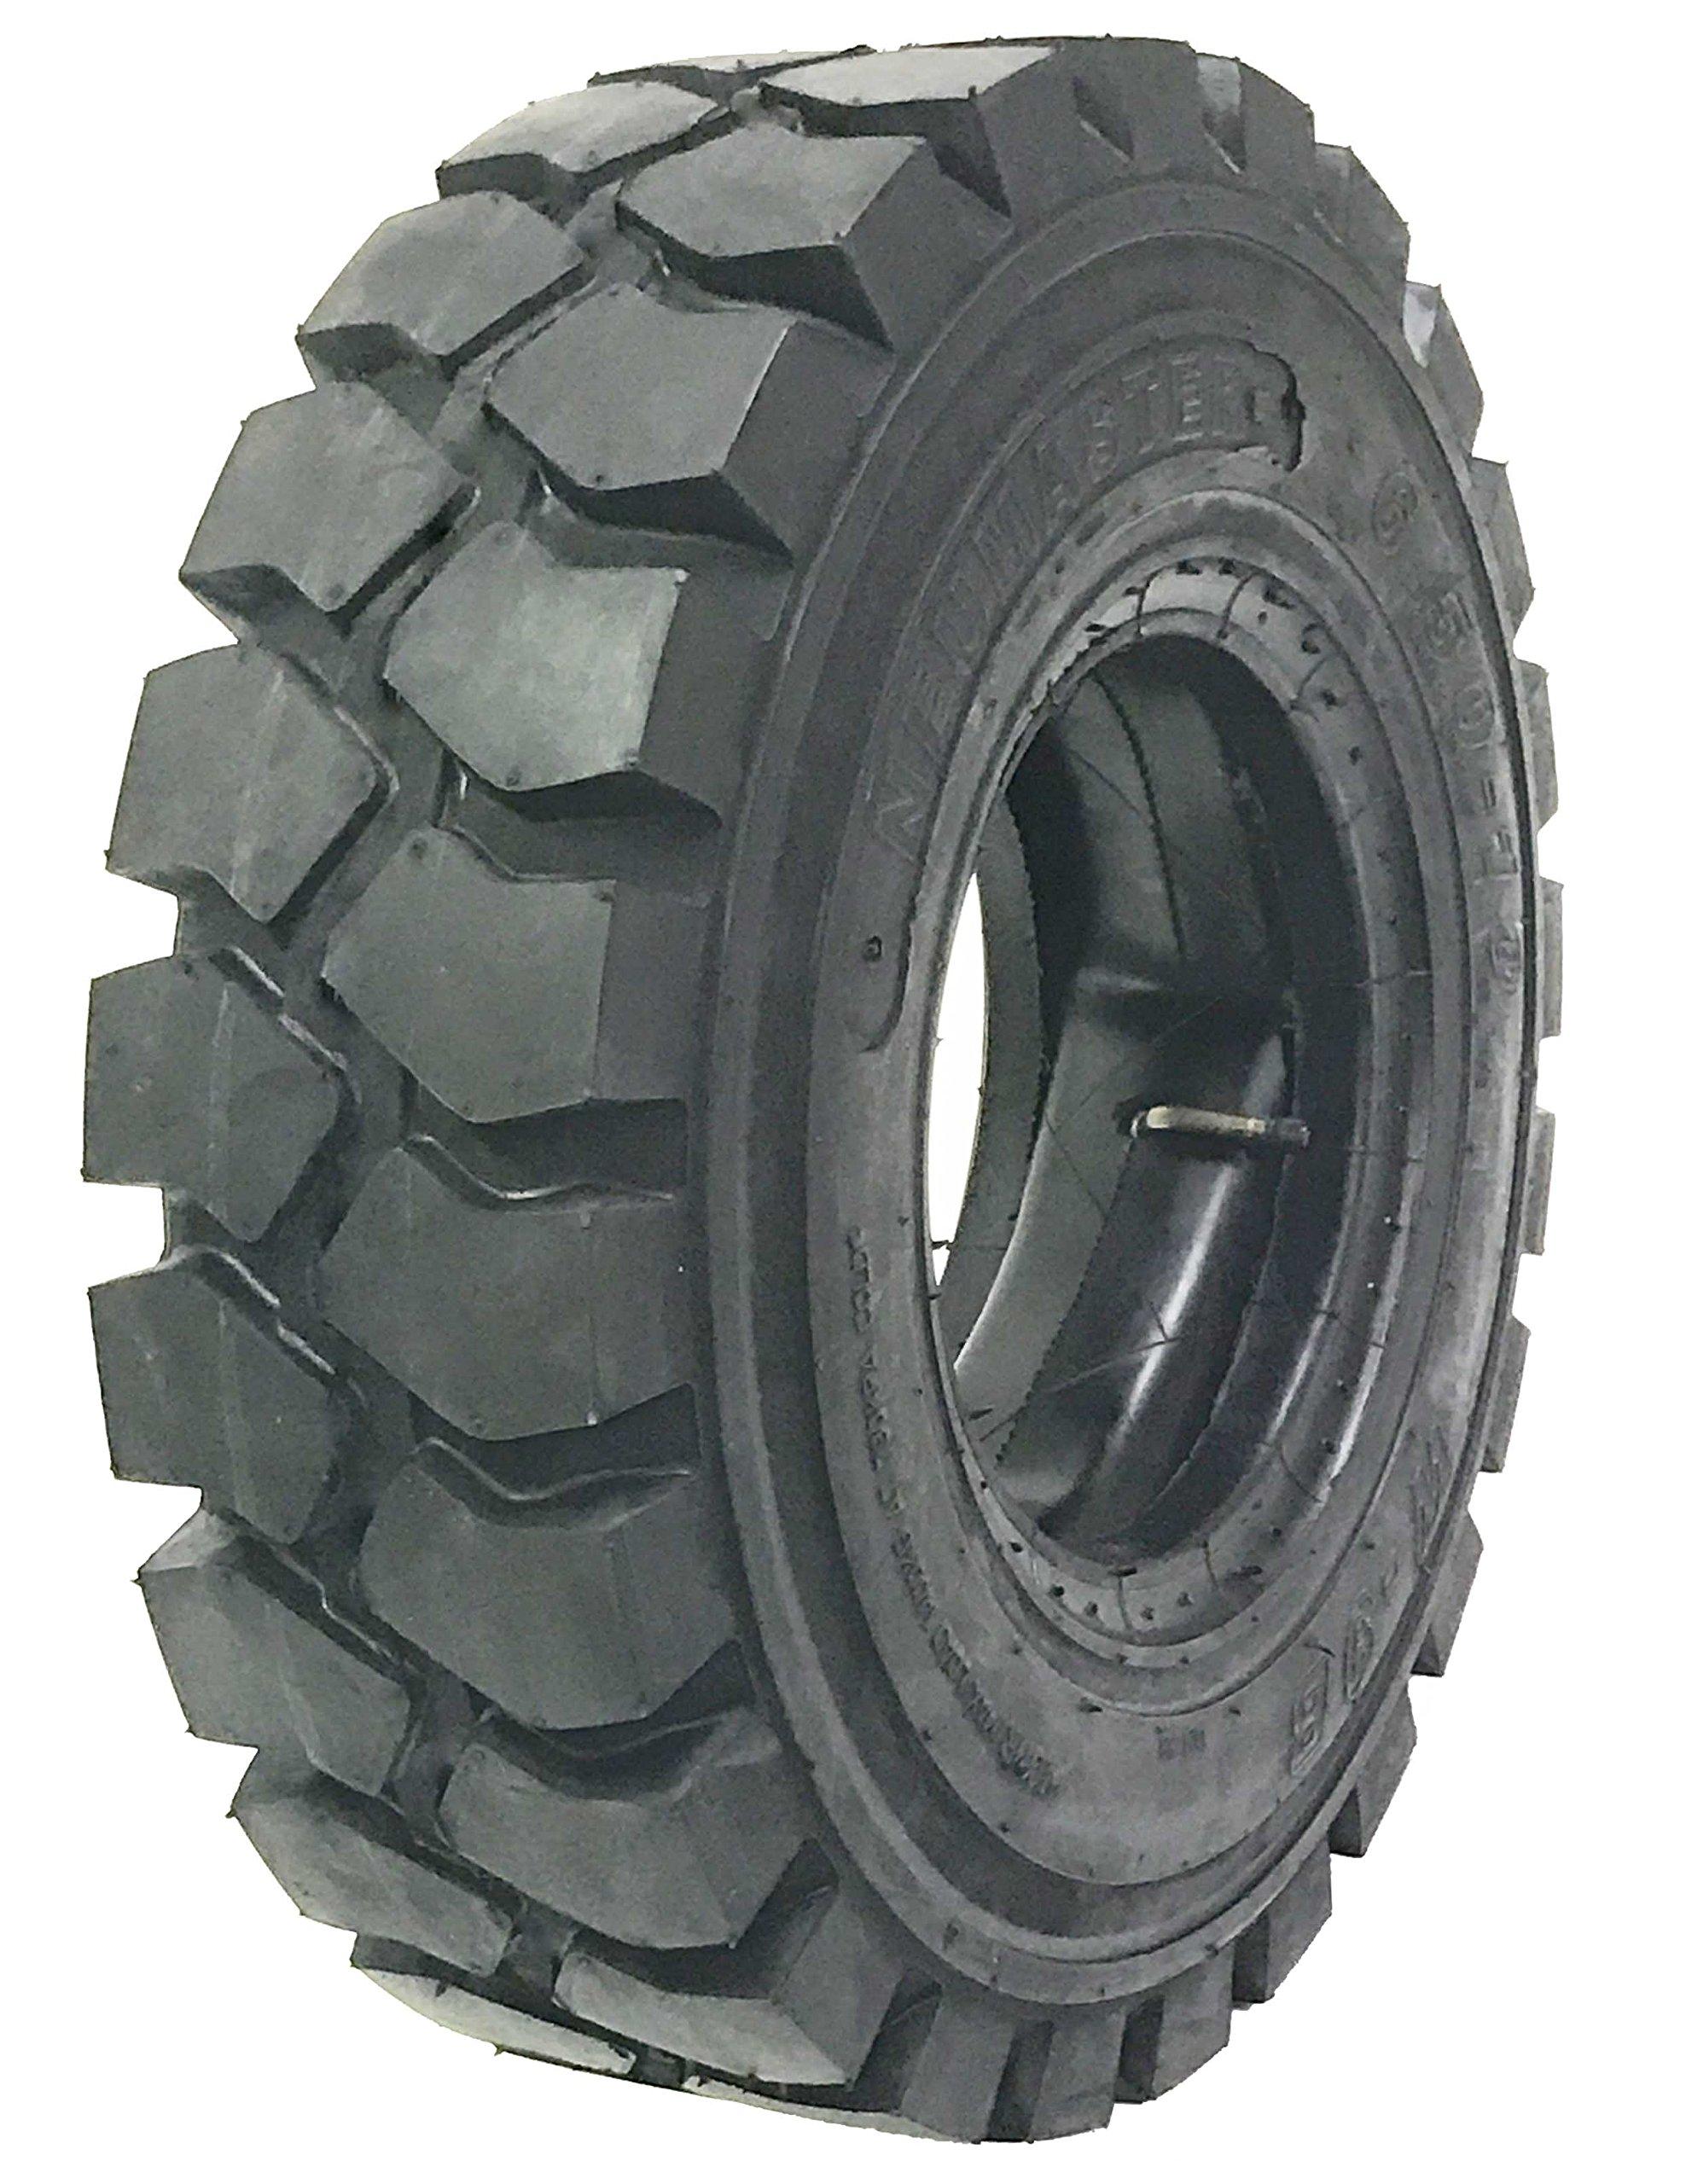 One New ZEEMAX HD 6.00-9 /10TT Forklift Tire w/ Tube & Flap & Rim Guard by NEUMASTER